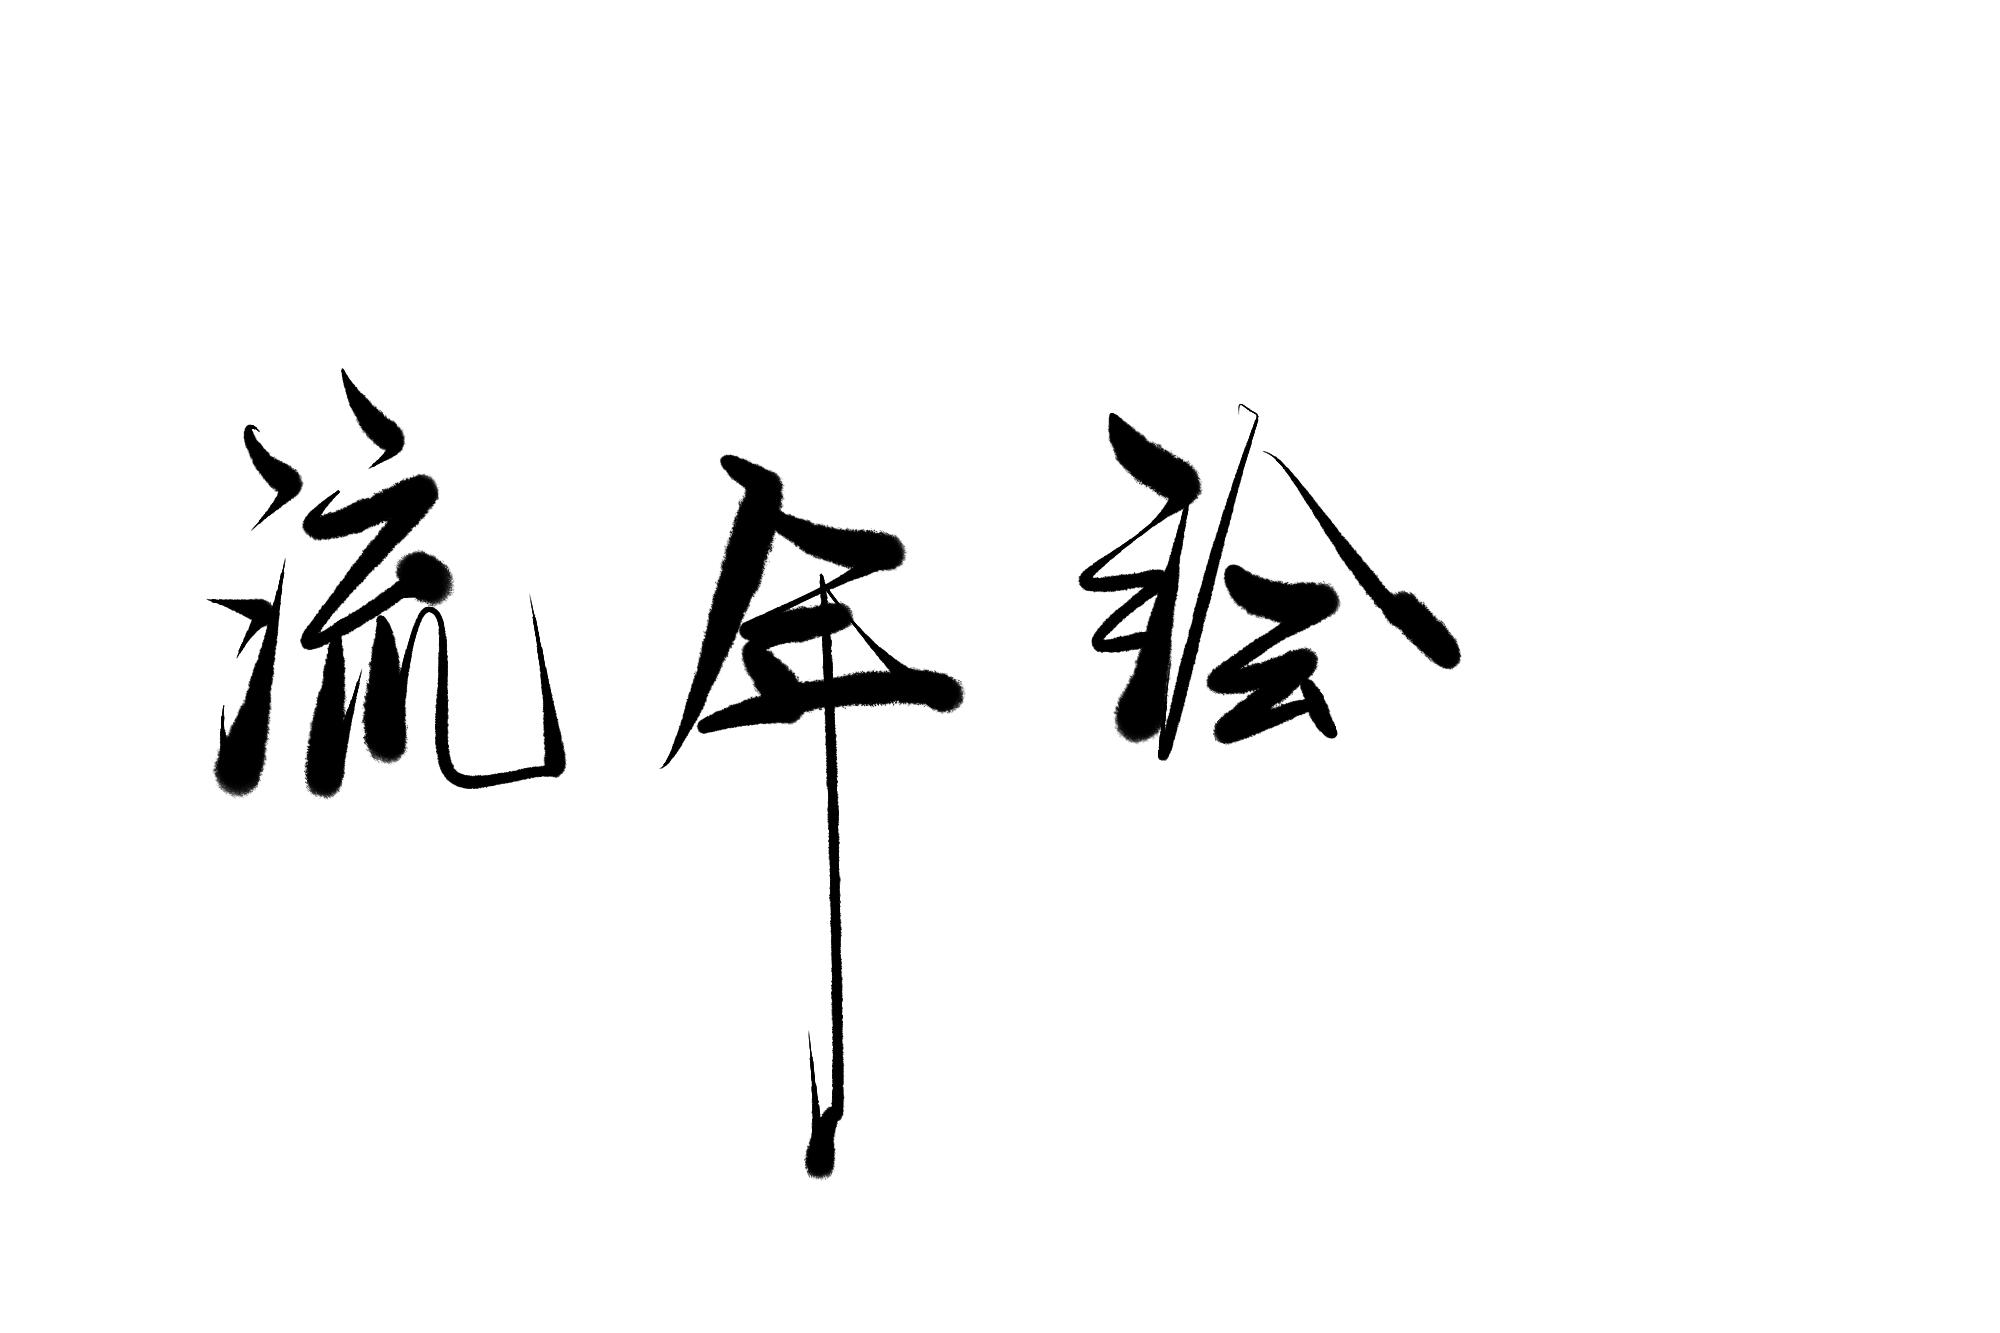 设计 矢量 矢量图 书法 书法作品 素材 2000_1333